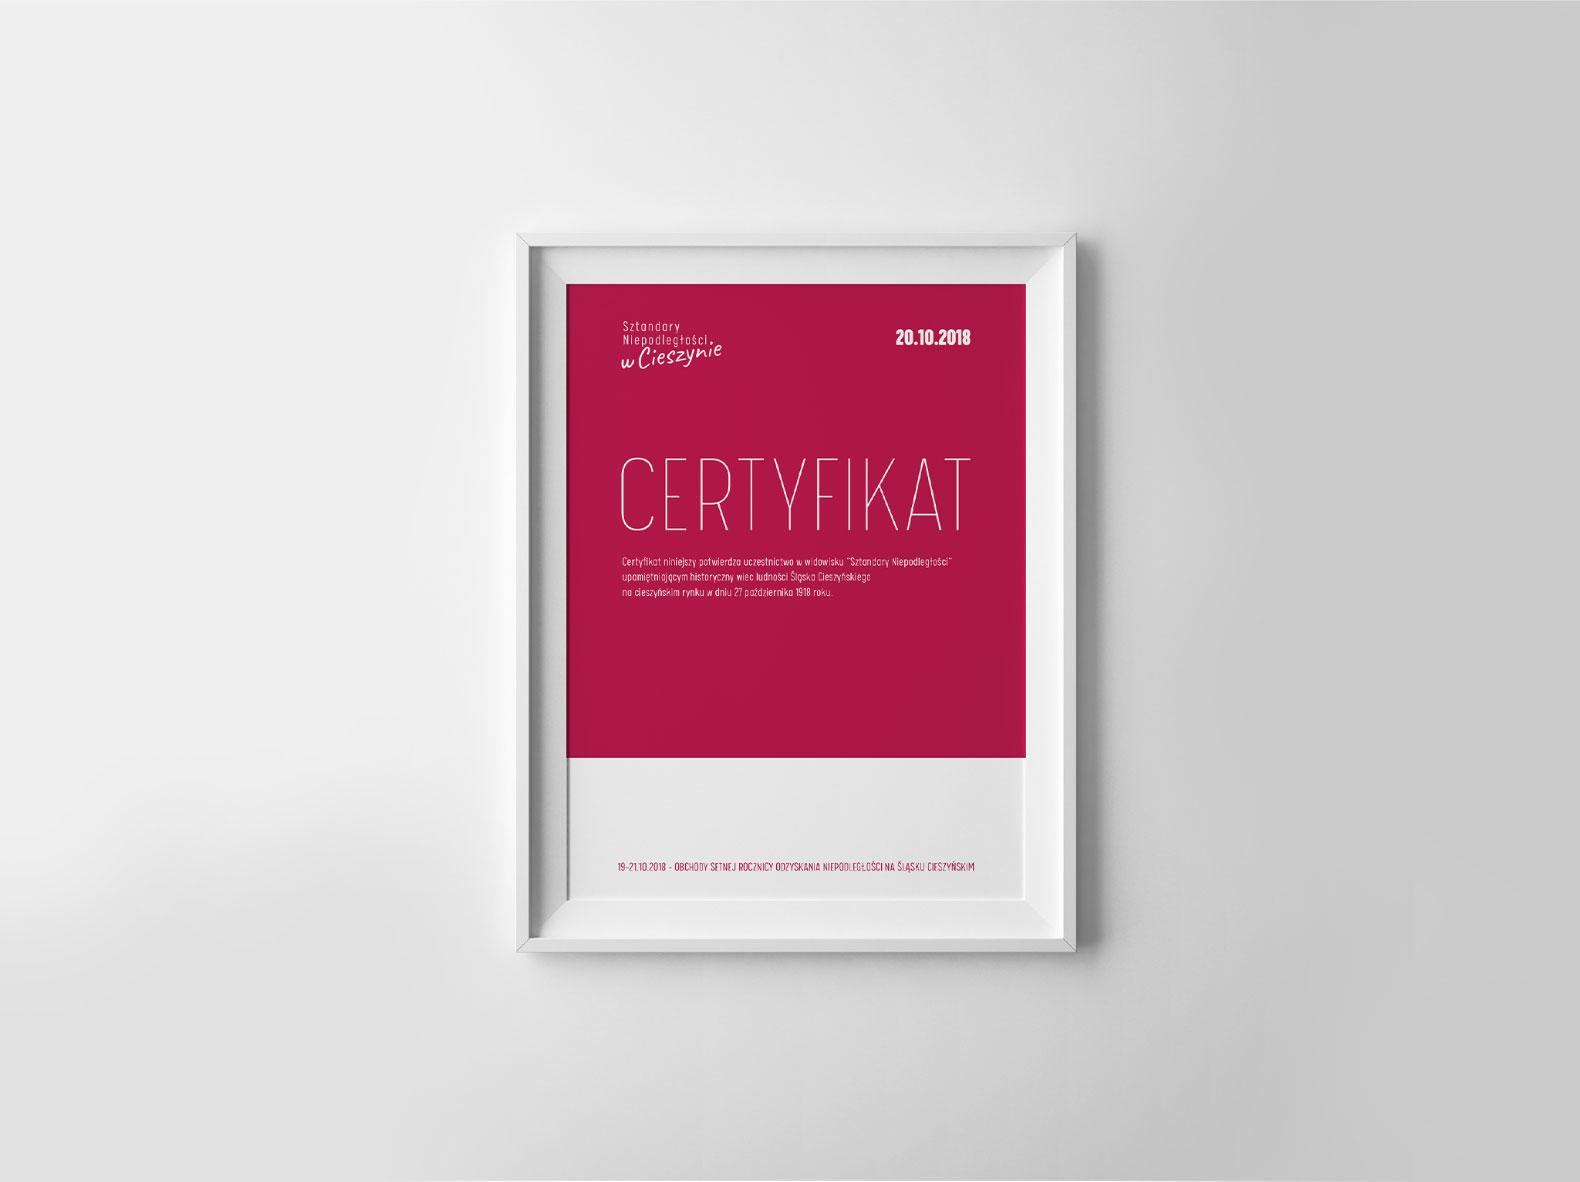 Sztandary Niepodległości w Cieszynie – certyfikat